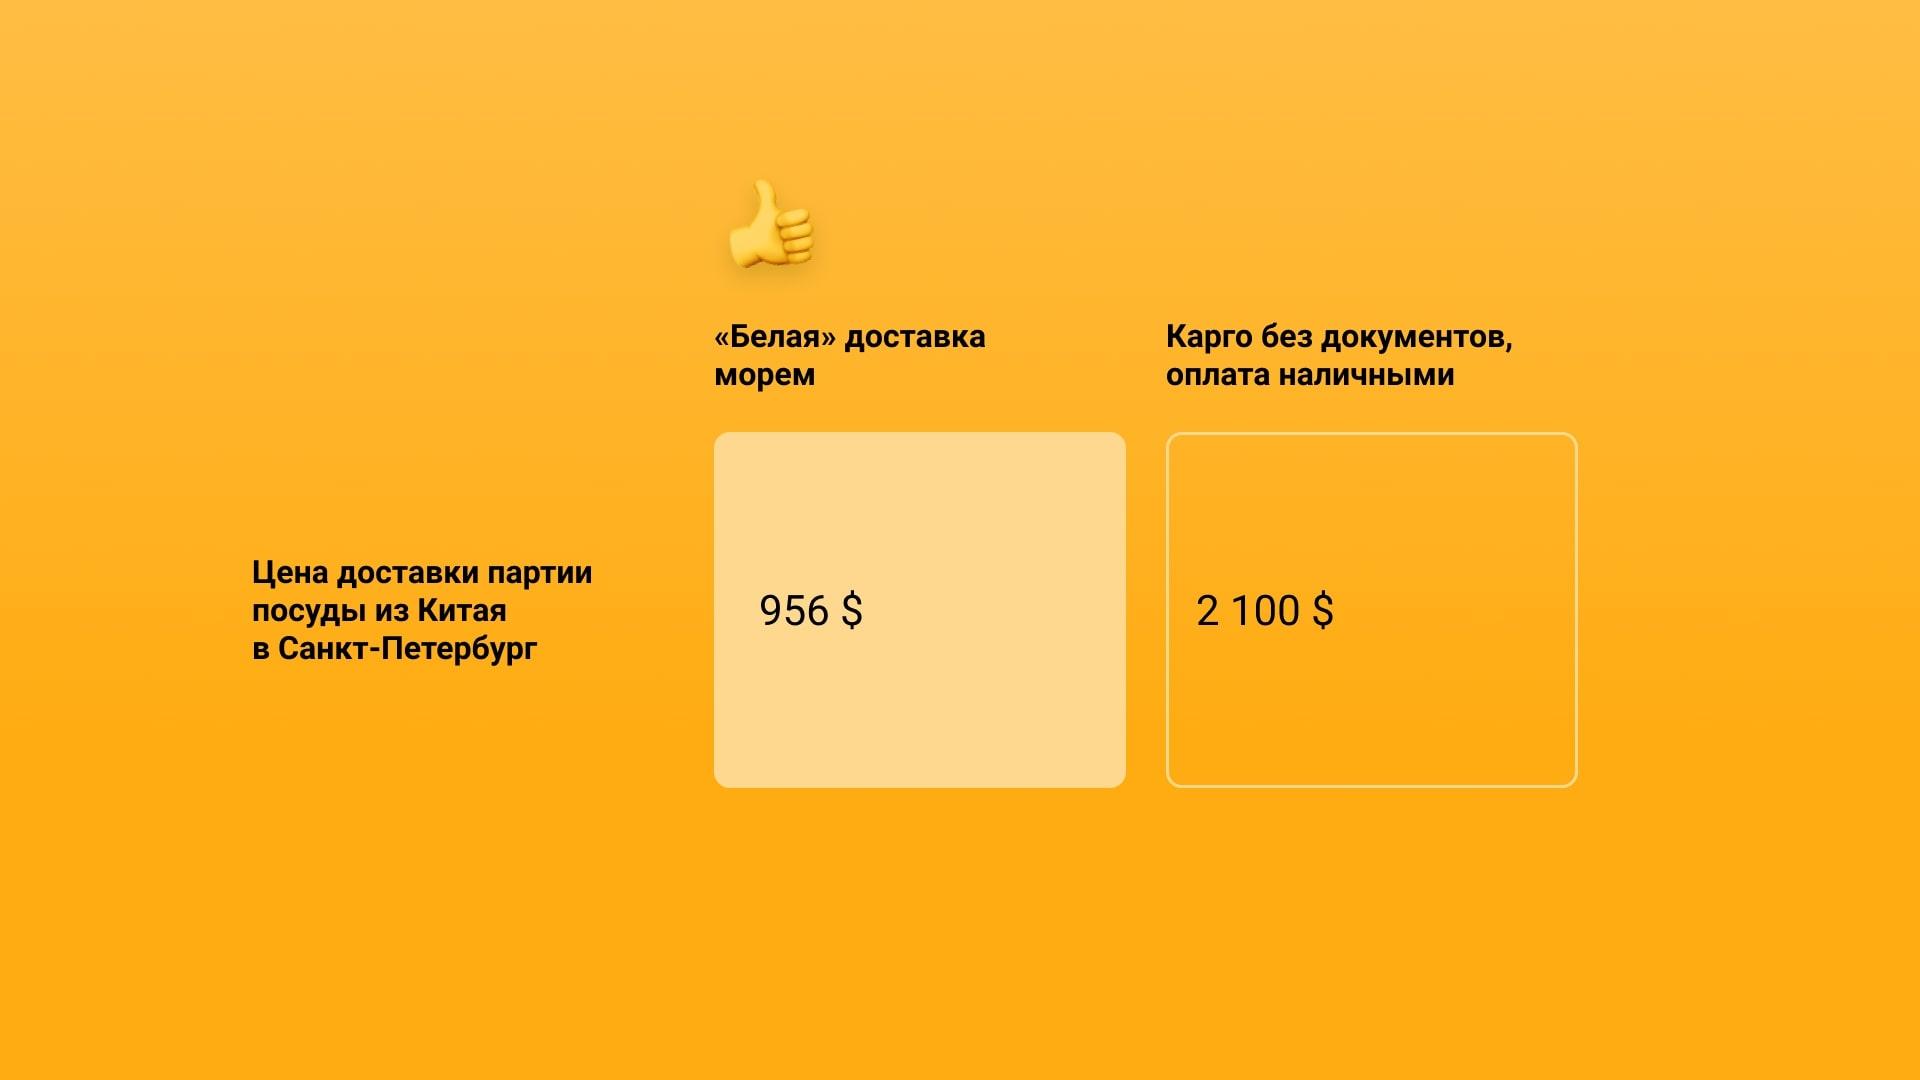 Сравнение цен доставки посуды при «белом» способе и «карго»